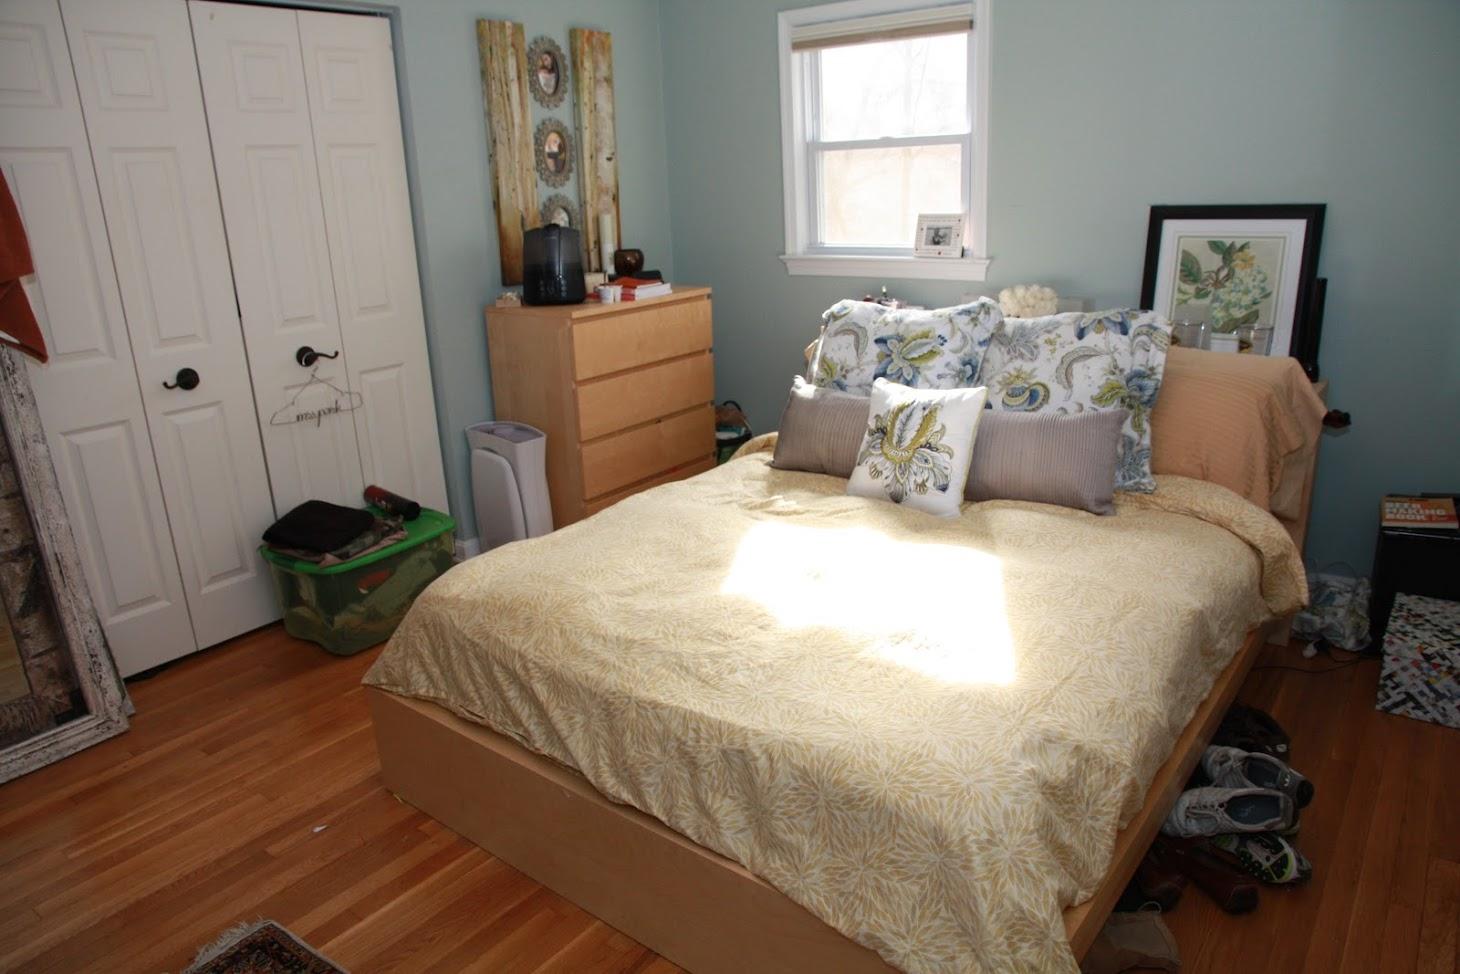 populære design-ikea-bedrom-med-minimalistisk-træ-wardrope-og-brun-tæppe-design-for-ikea-uk-værelses-storage-ikea-bedrom-med-ny-moderne-møbler-design-for- forbløffende-ikea-værelses-design